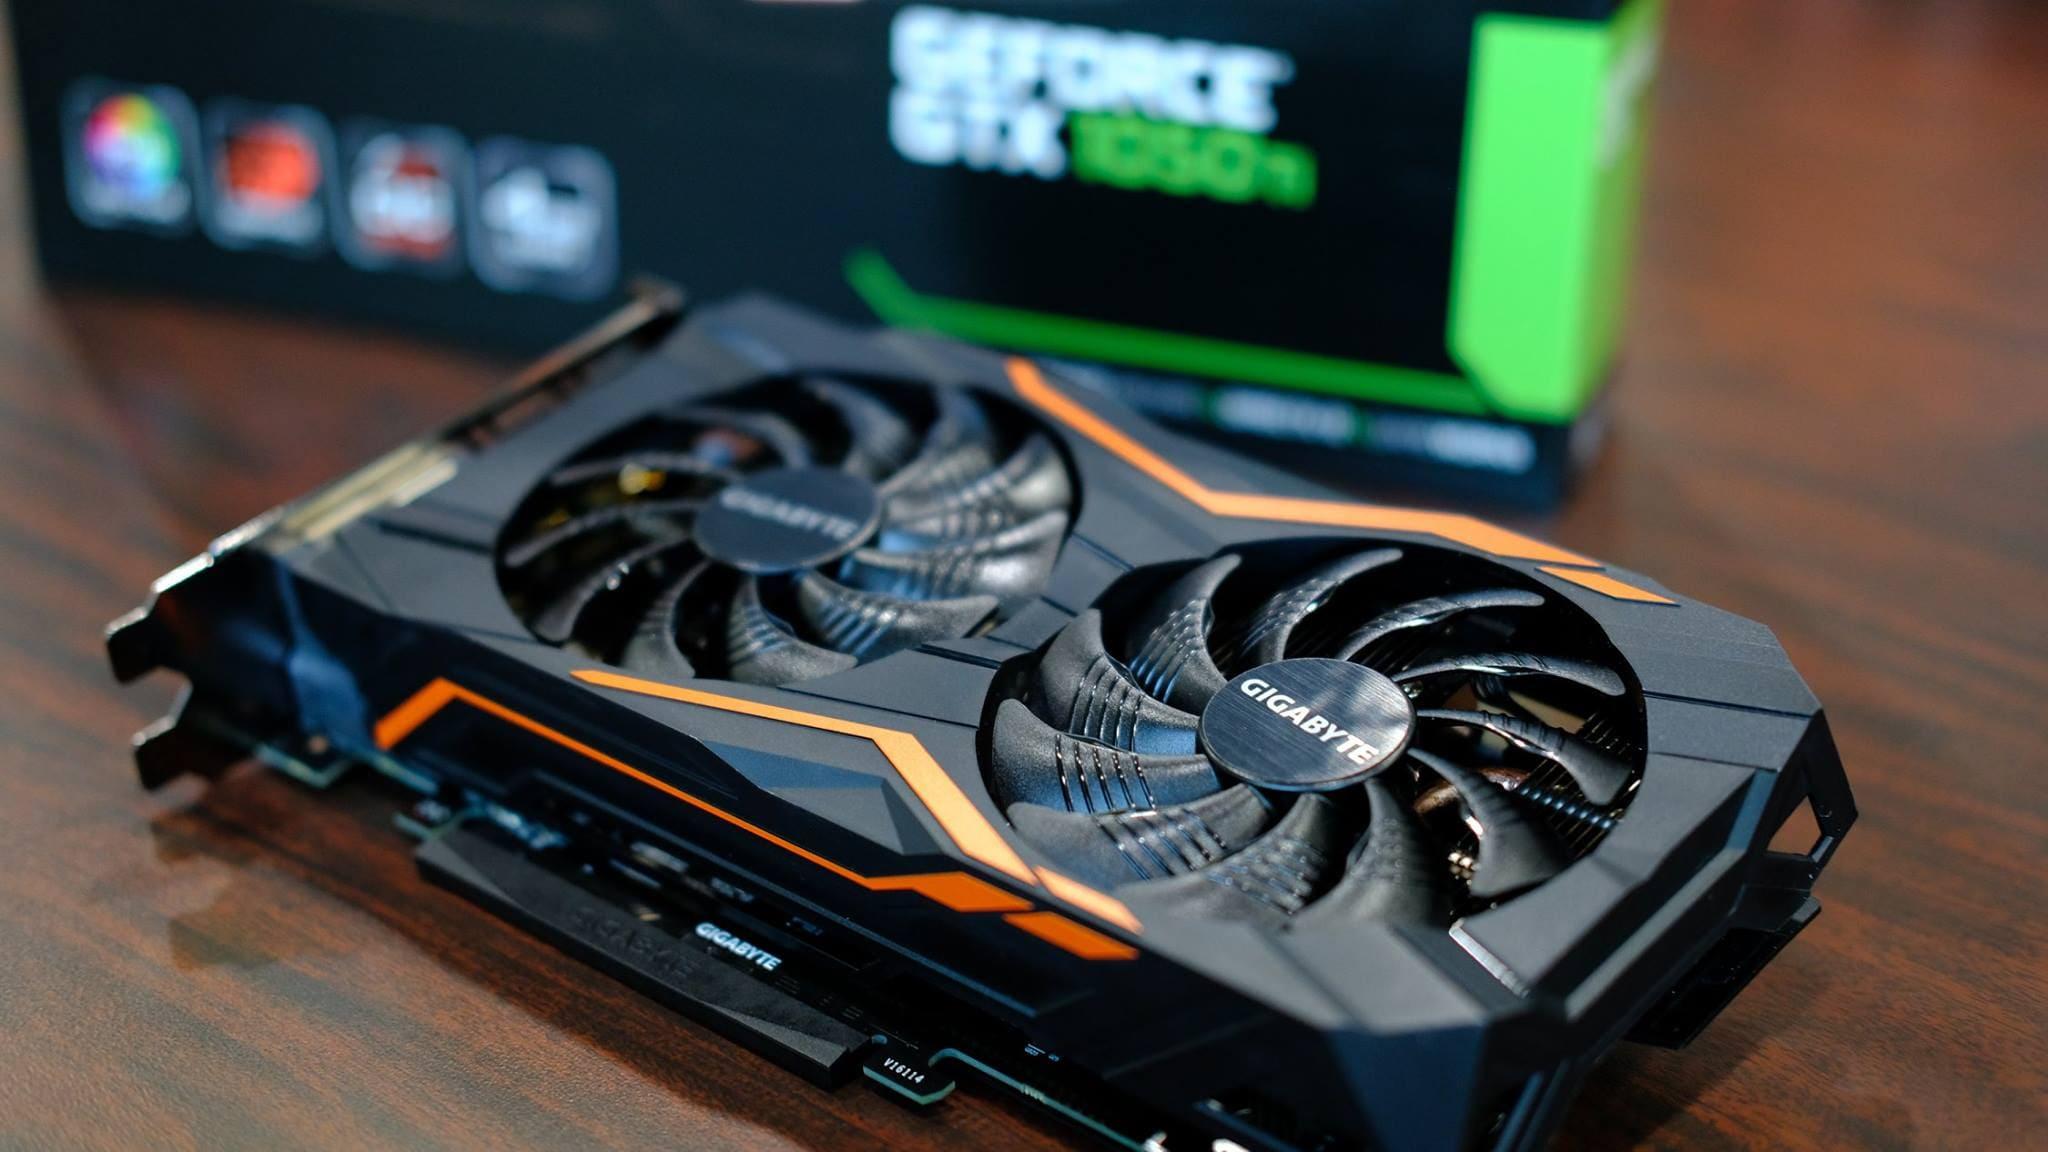 Đánh giá Card màn hình Gigabyte GTX 1050 TI G1 Gaming - Hiệu năng tốt giá  rẻ.